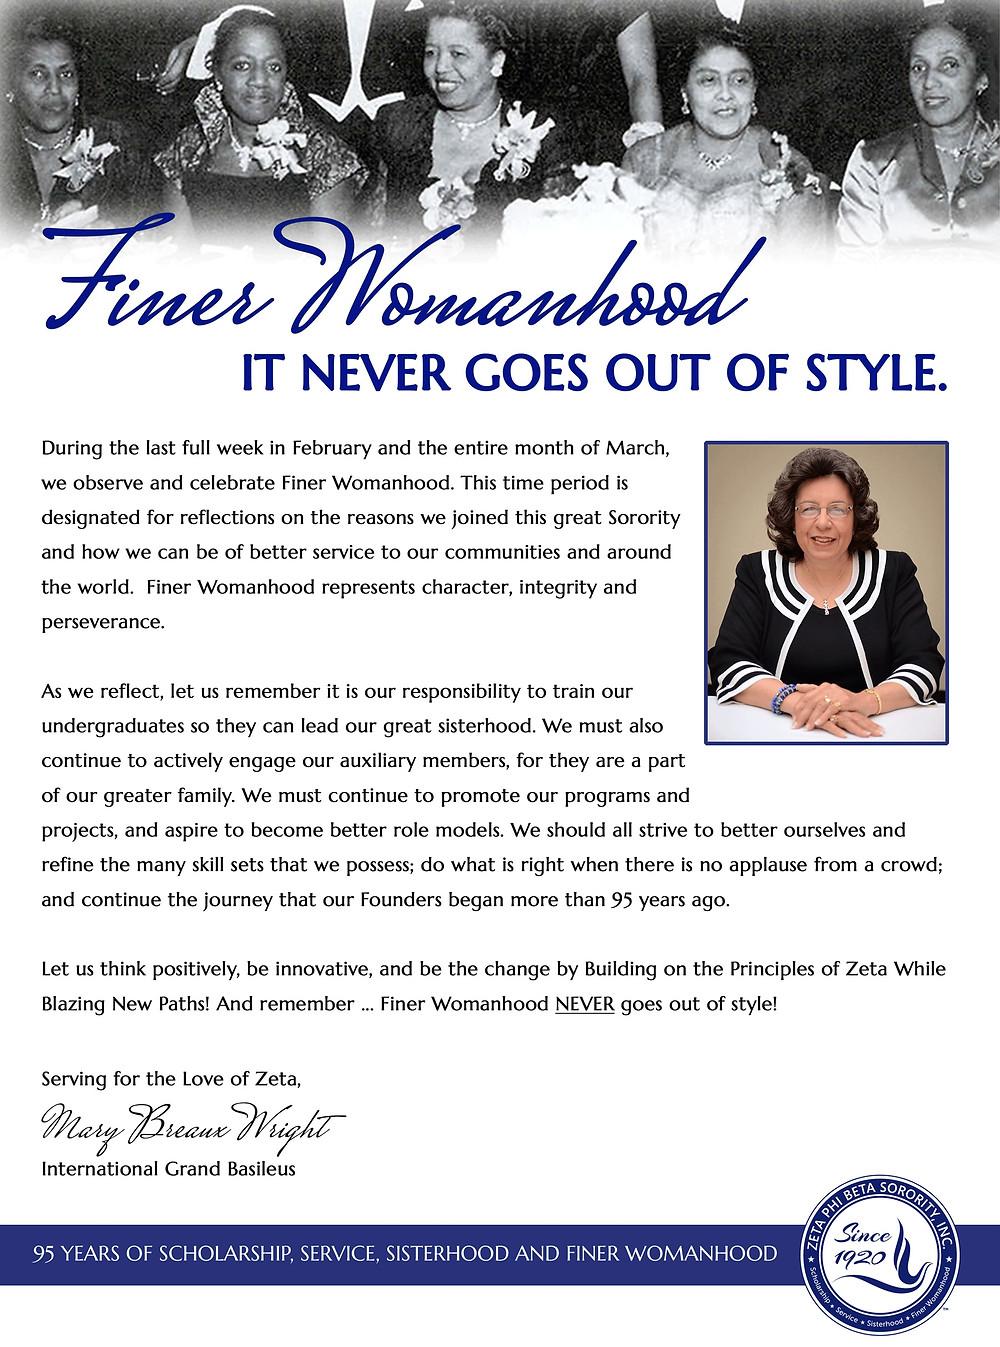 finer-womanhood-2015-grand-letter.jpg